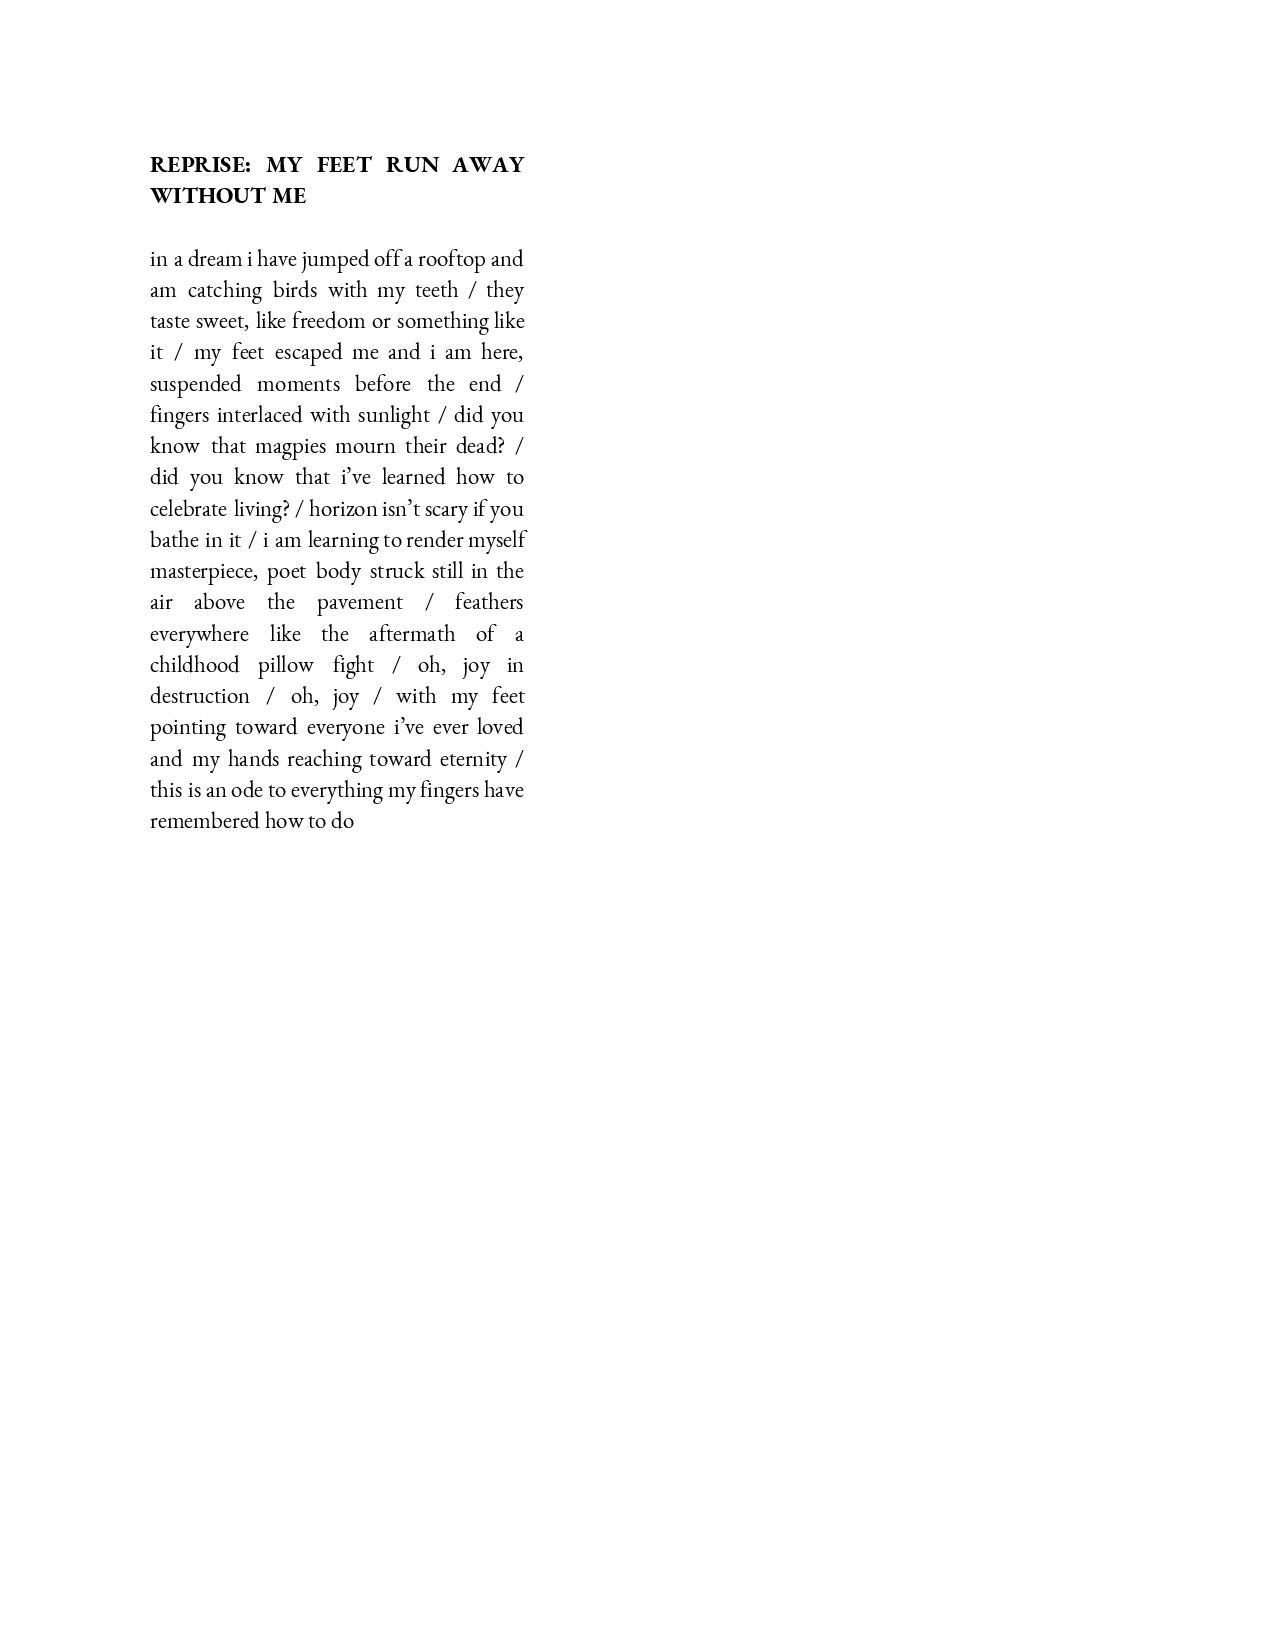 poems-page-004.jpg